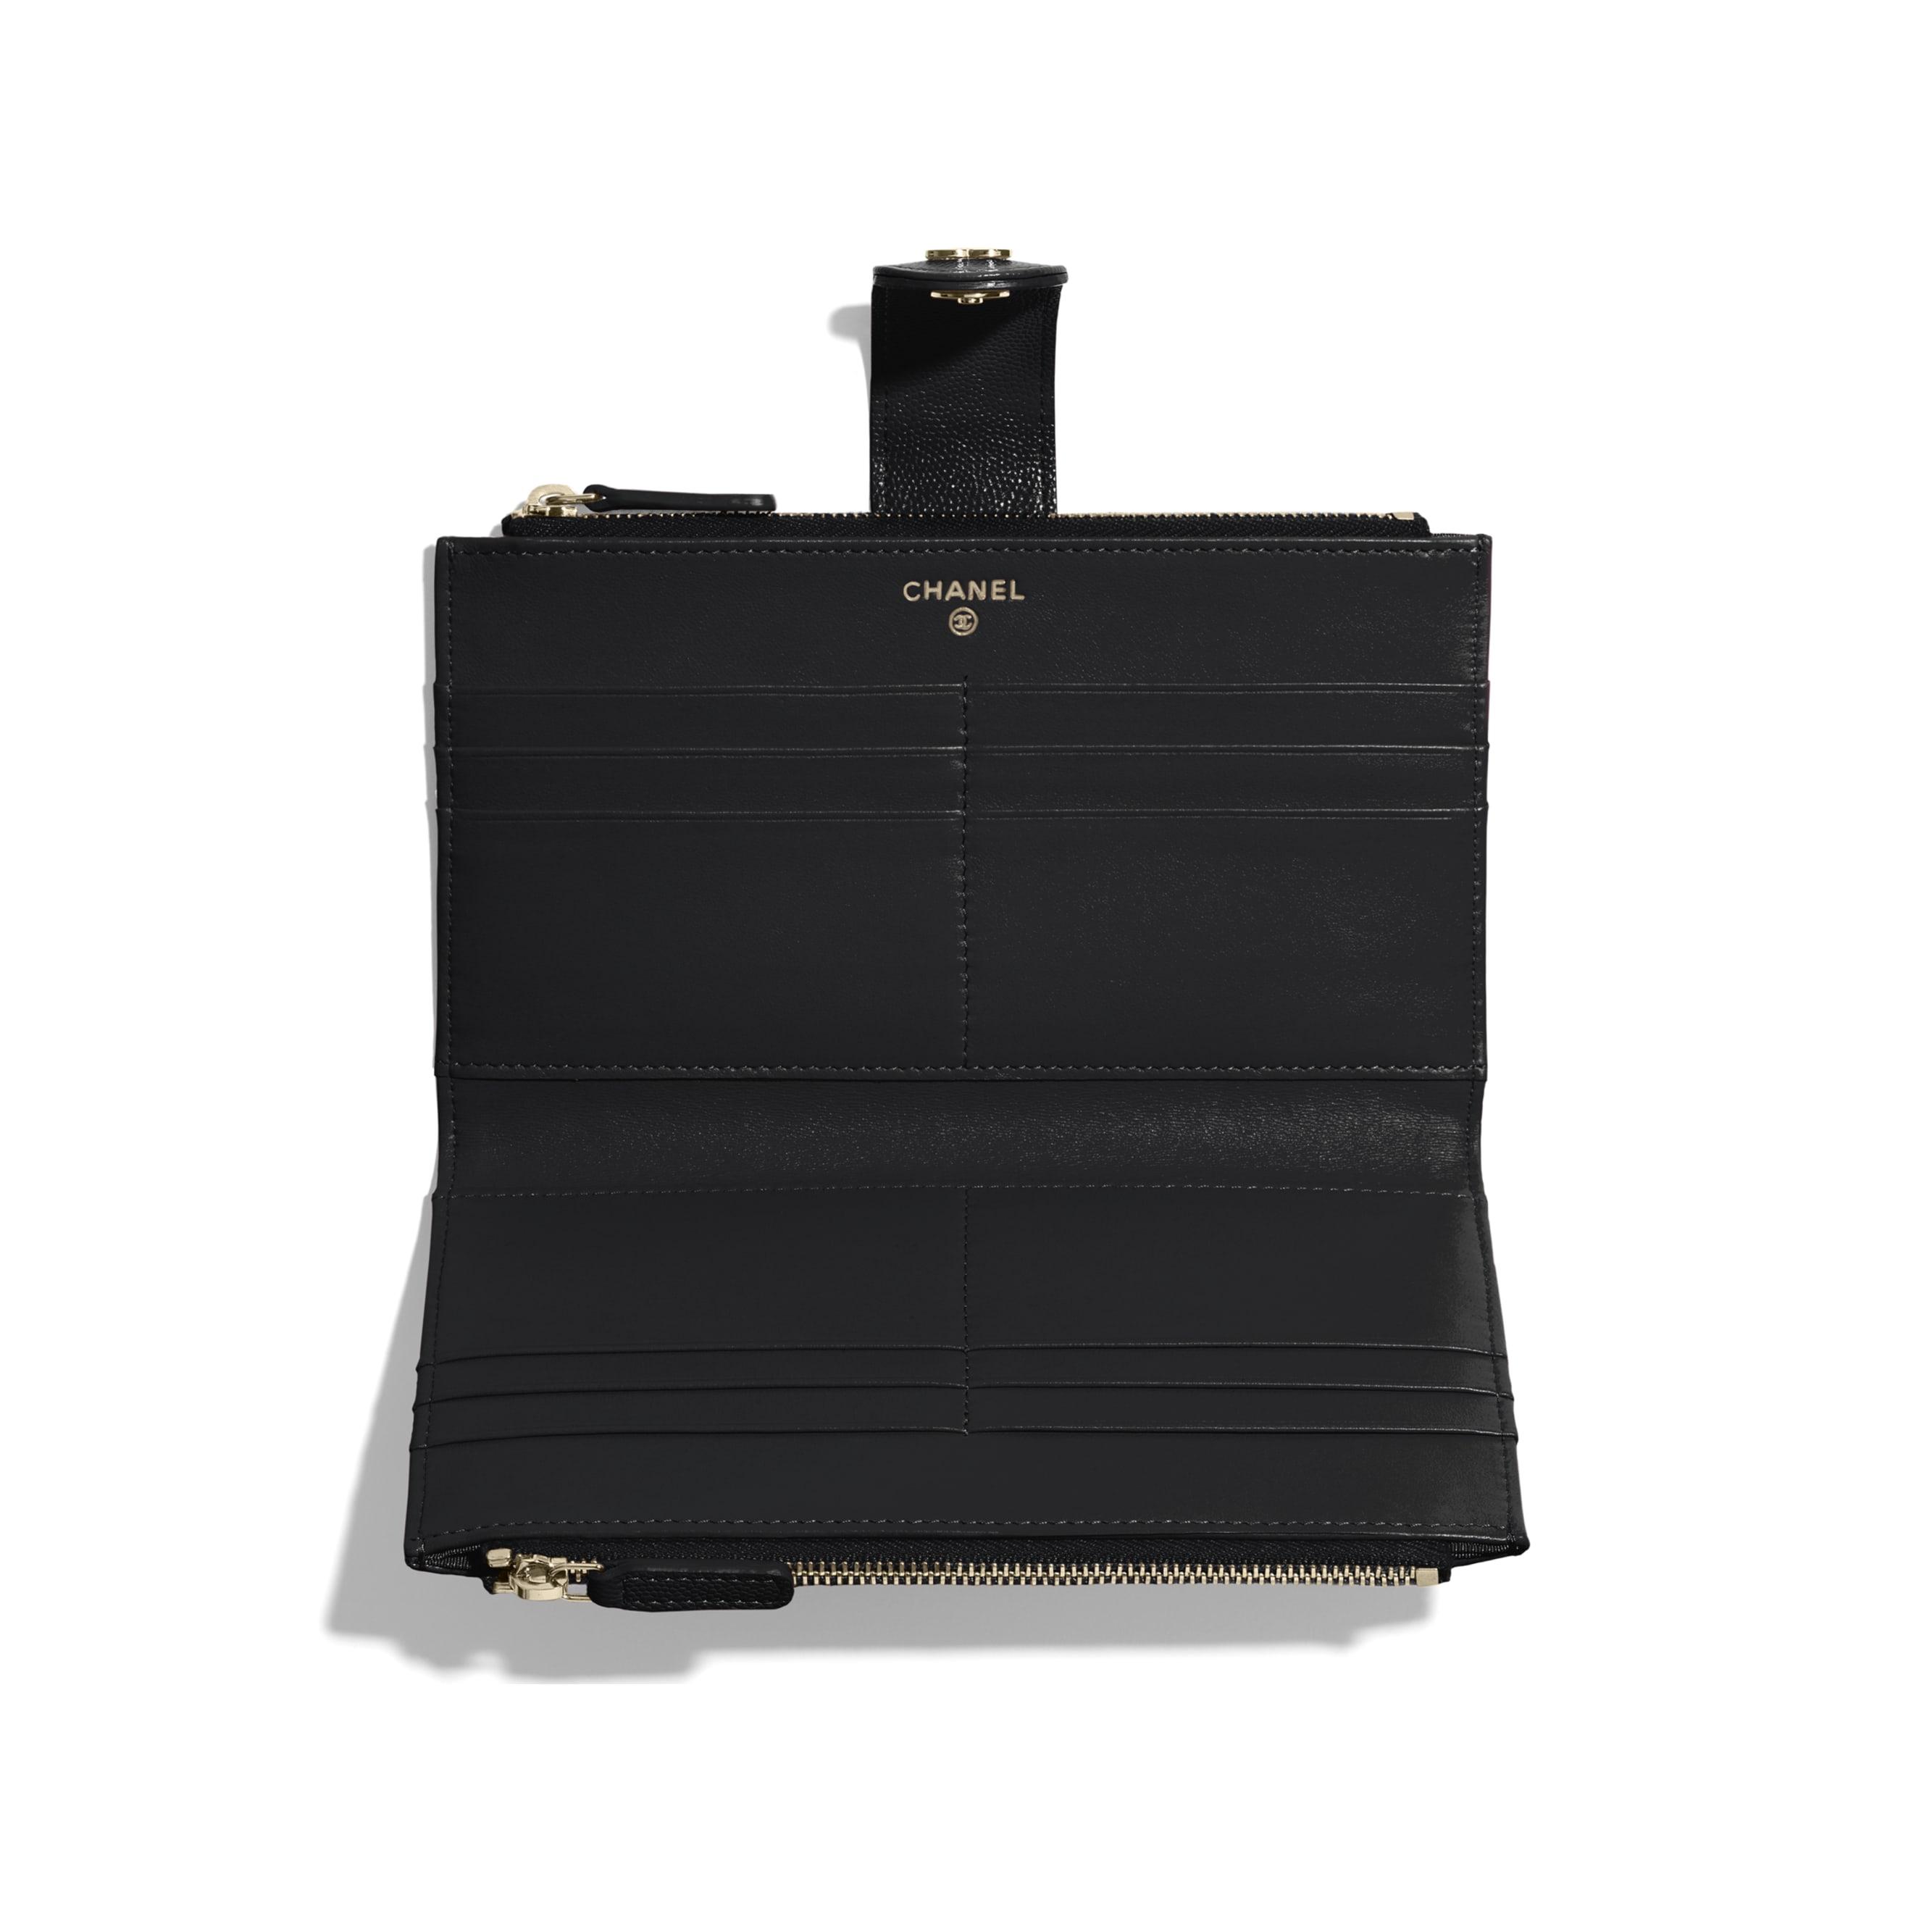 Long portefeuille zippé classique - Noir - Veau grainé & métal doré - CHANEL - Autre vue - voir la version taille standard